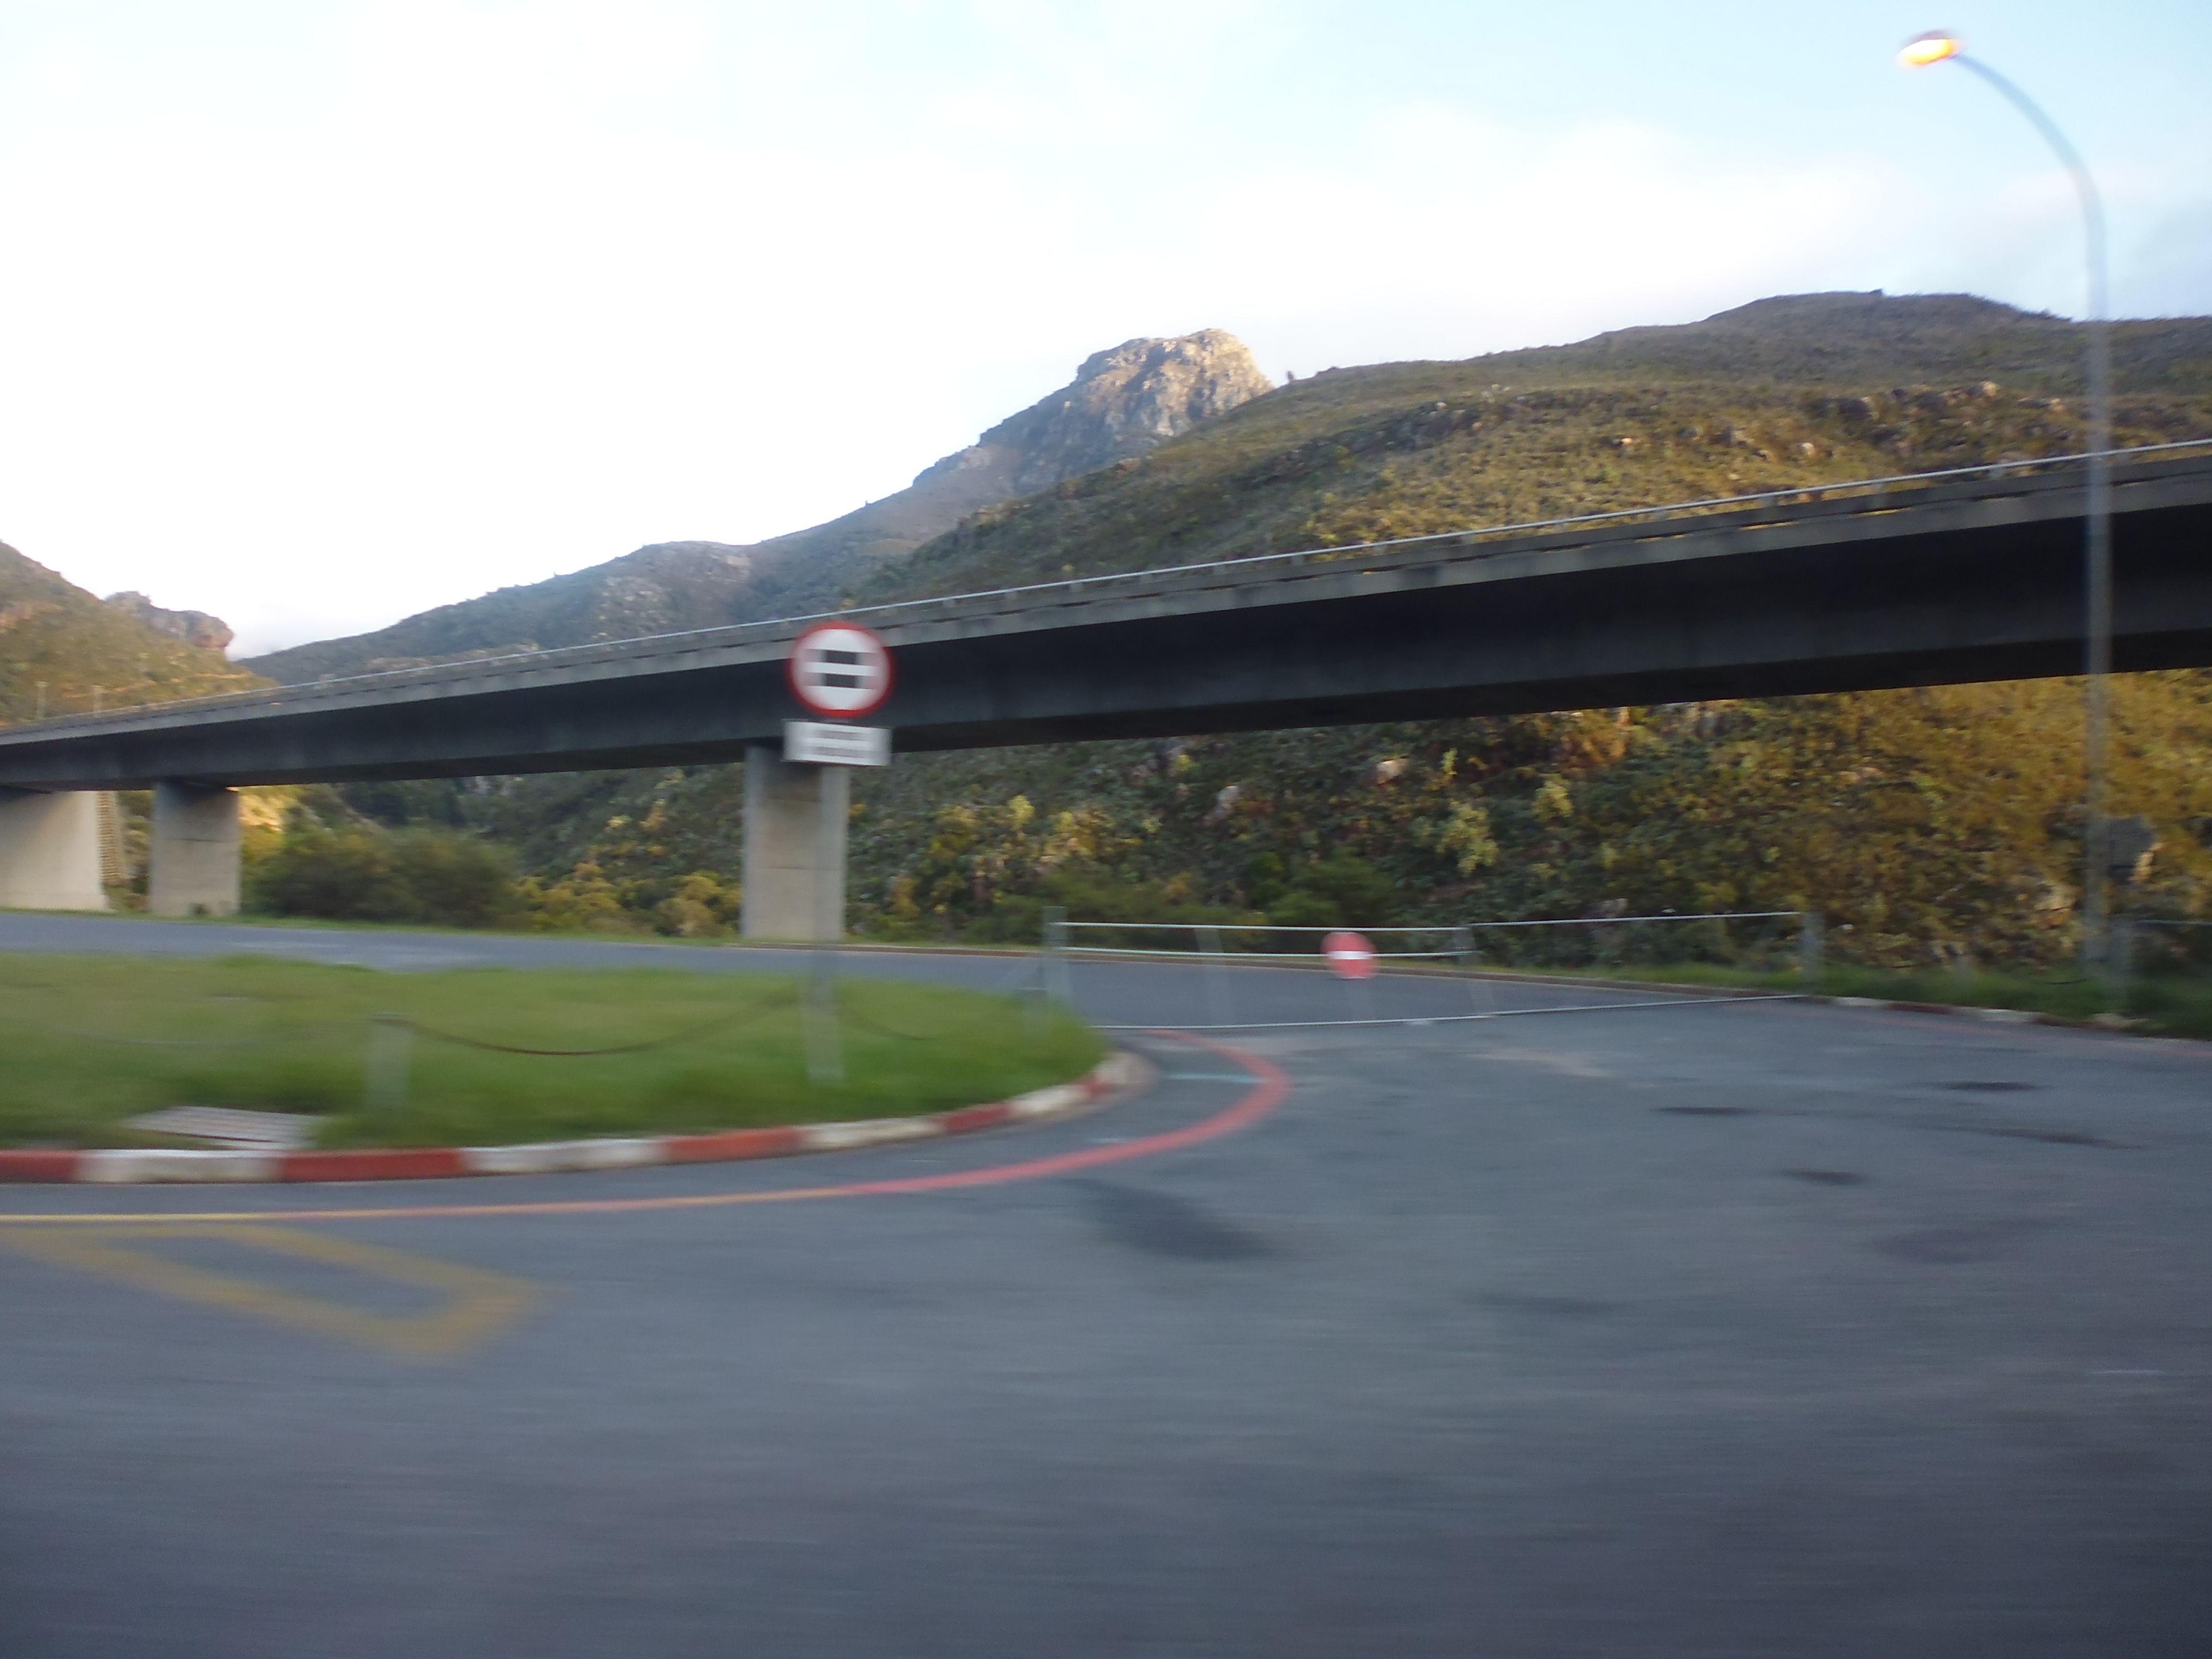 La route lol ca monte ca monte, yavais des lignes droites bref c'était très fatiguant